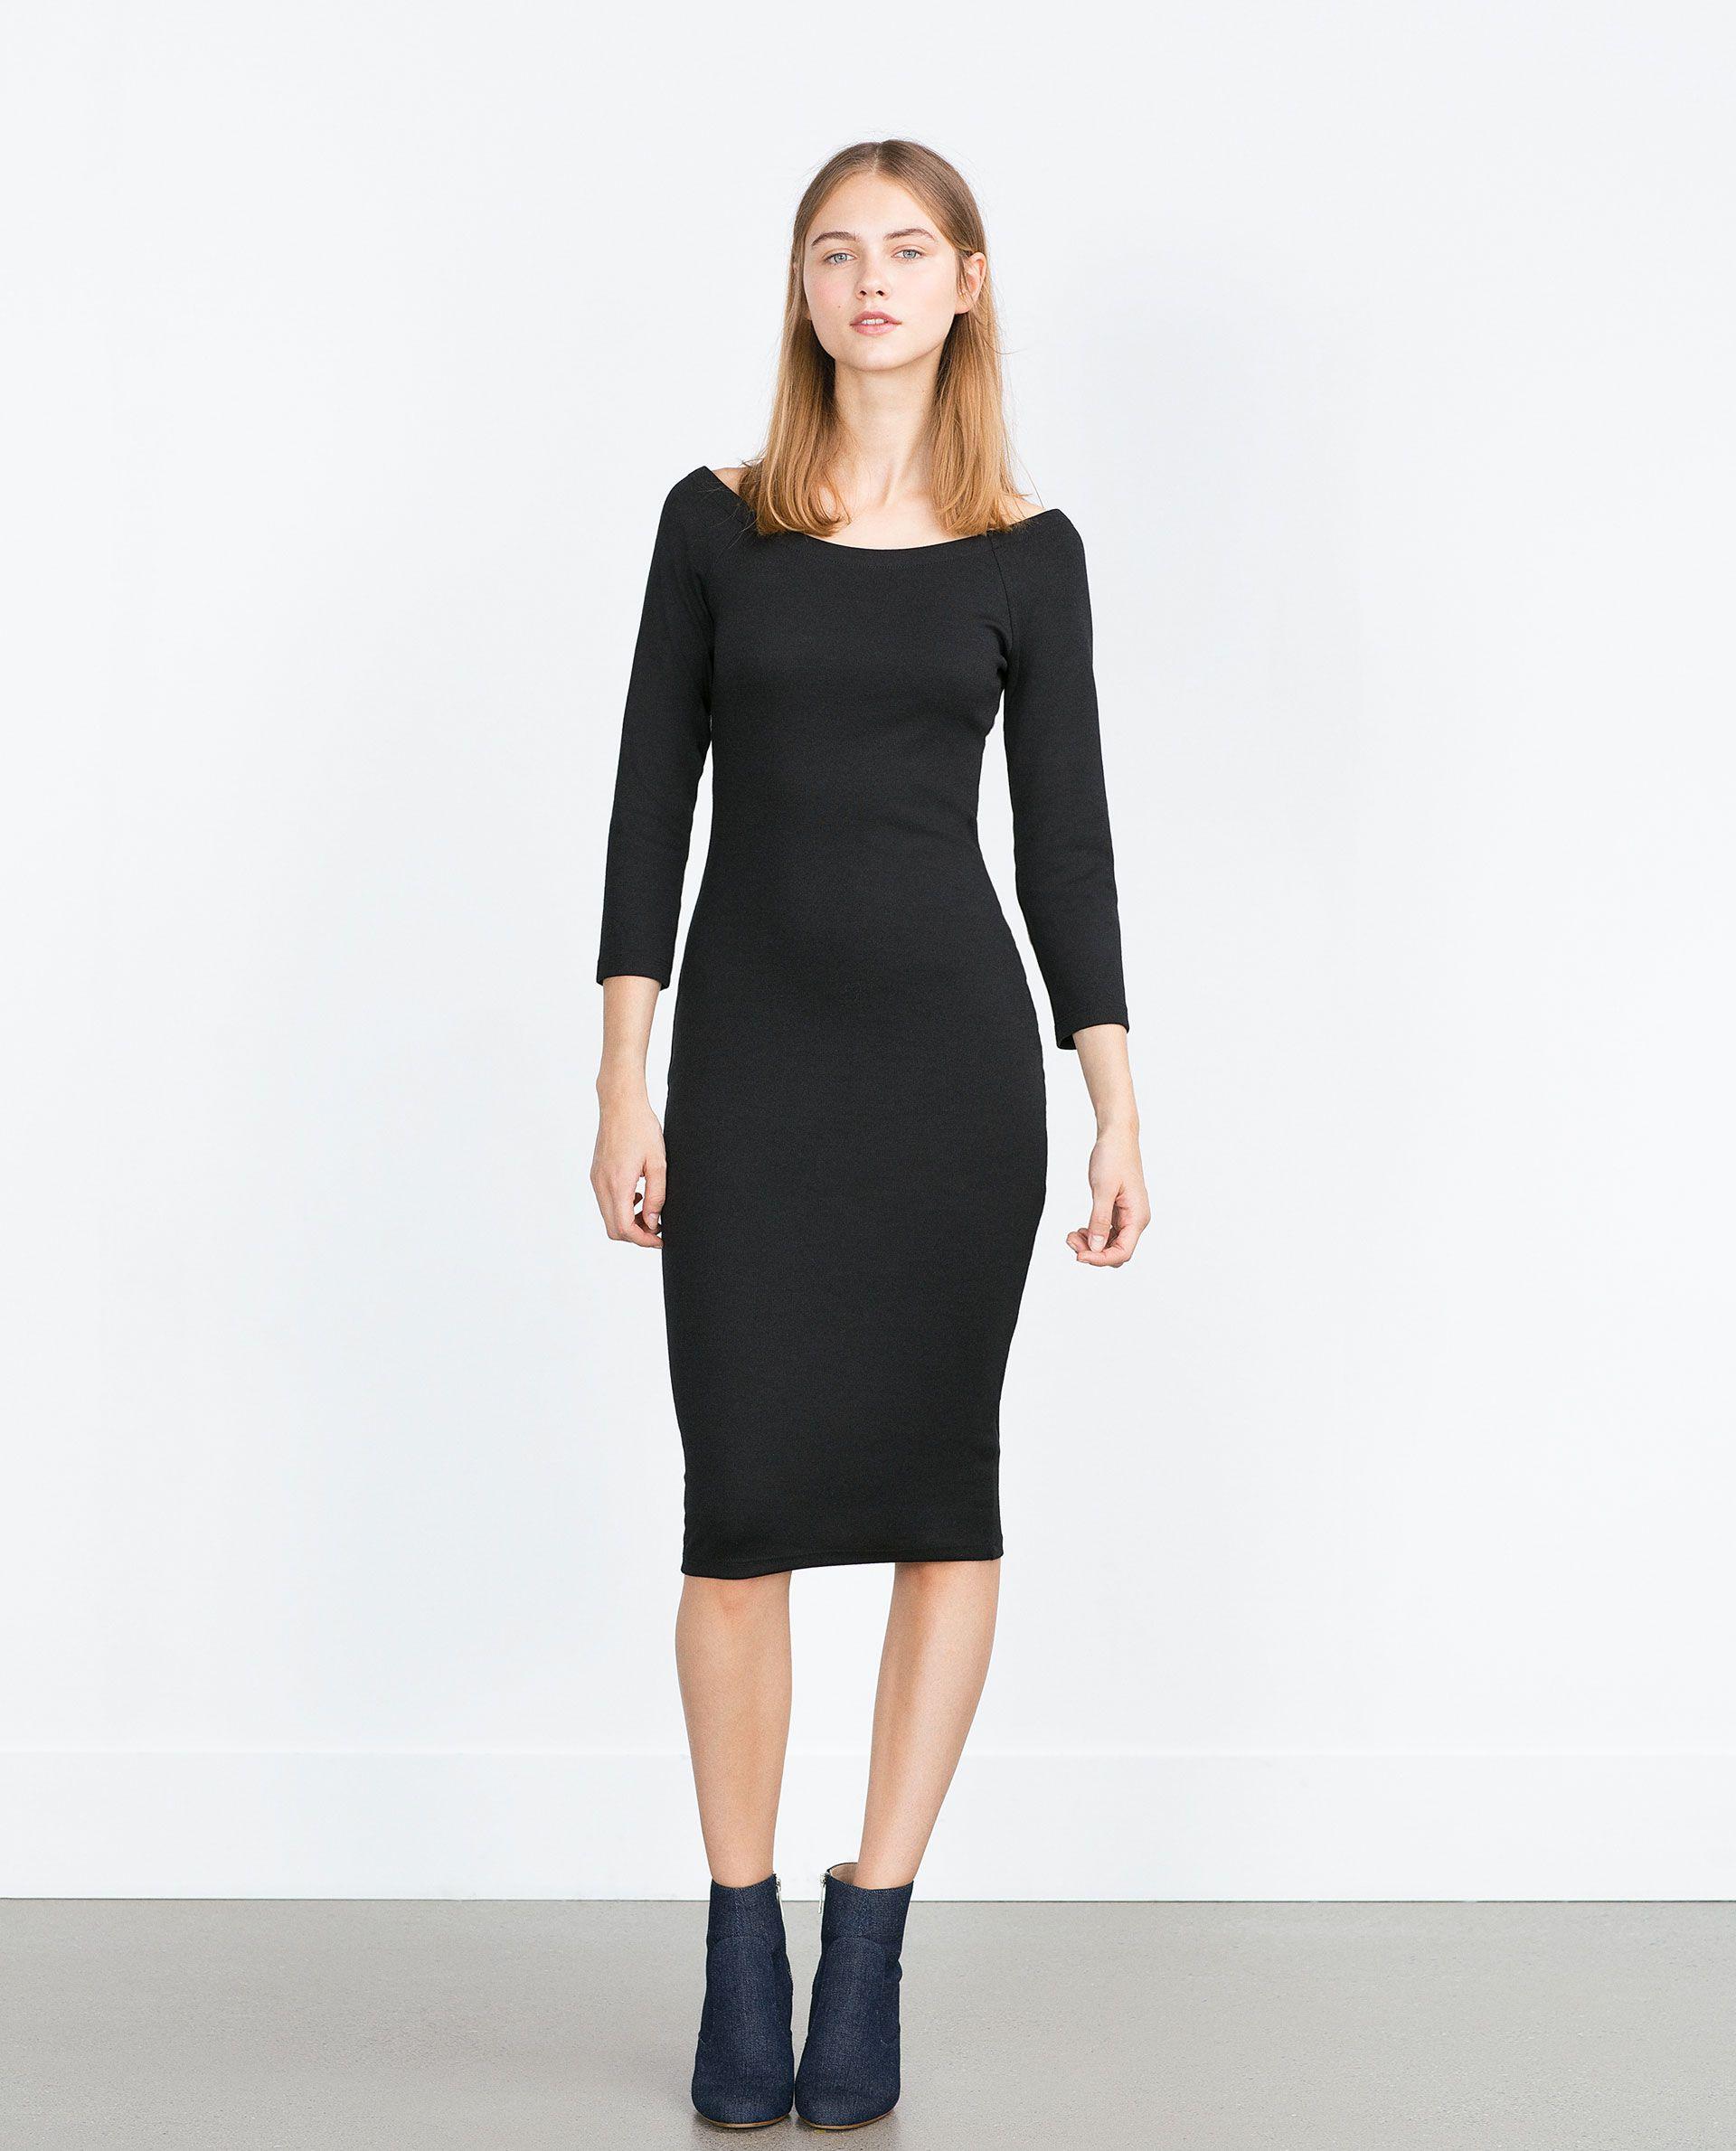 Zara kobieta sukienka oŁÓwkowa dress pinterest bandeau